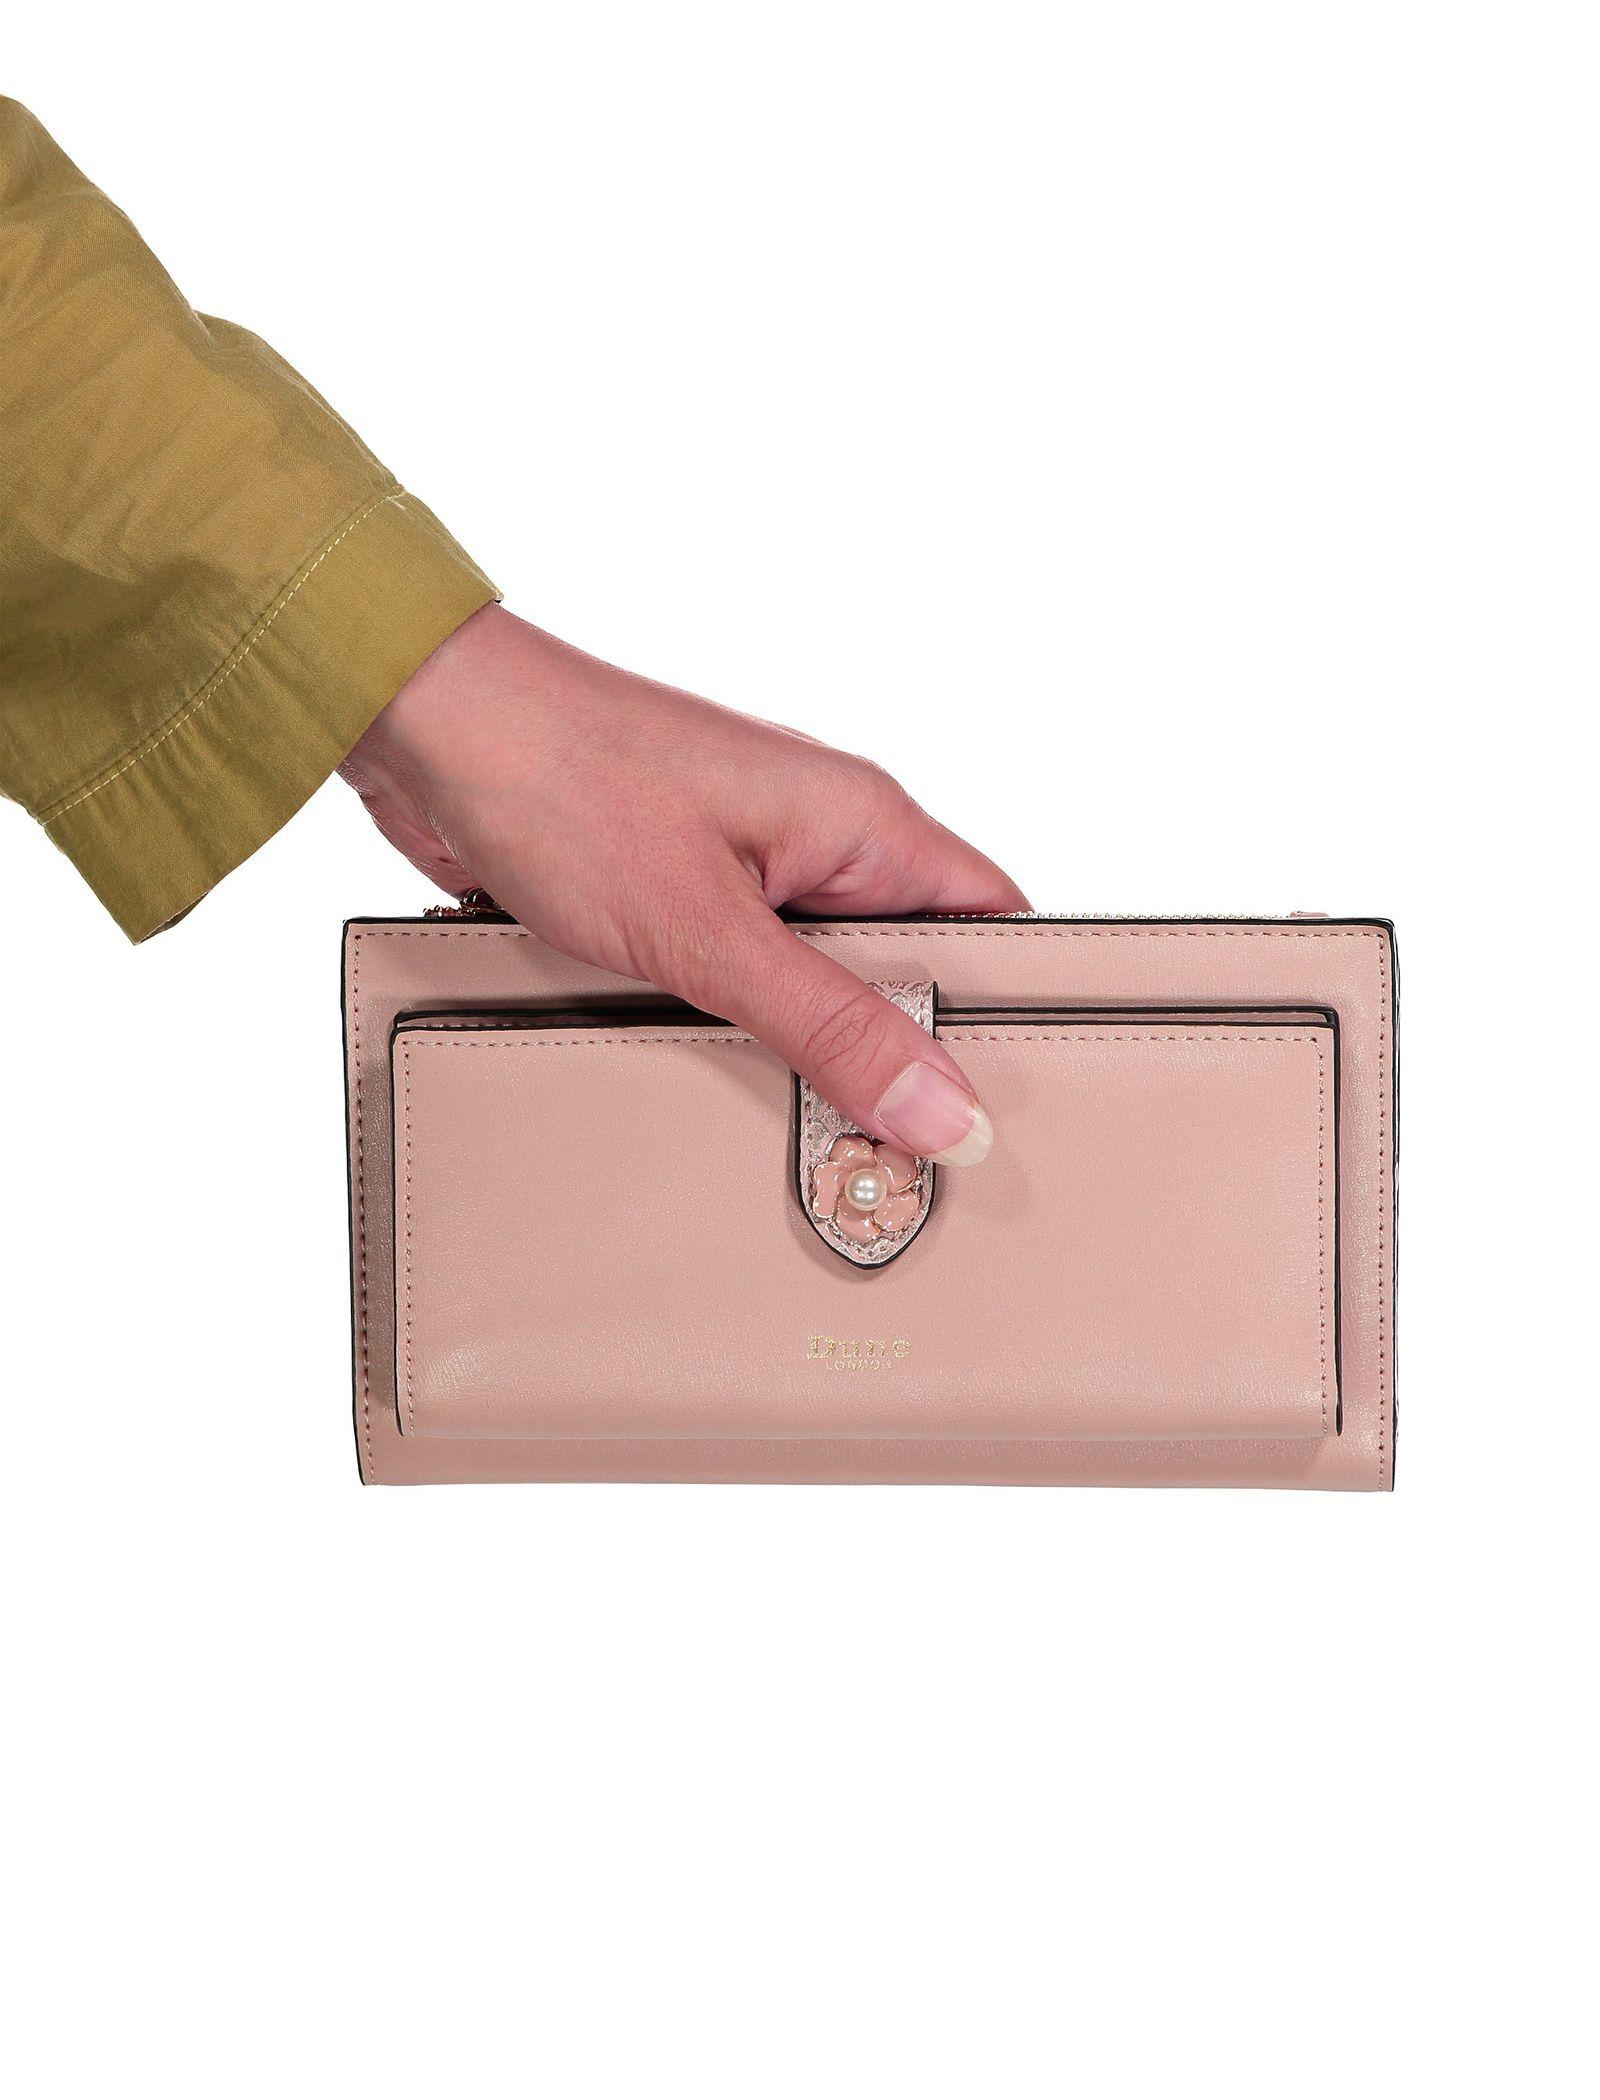 کیف پول کتابی زنانه - دون لندن - صورتي - 7